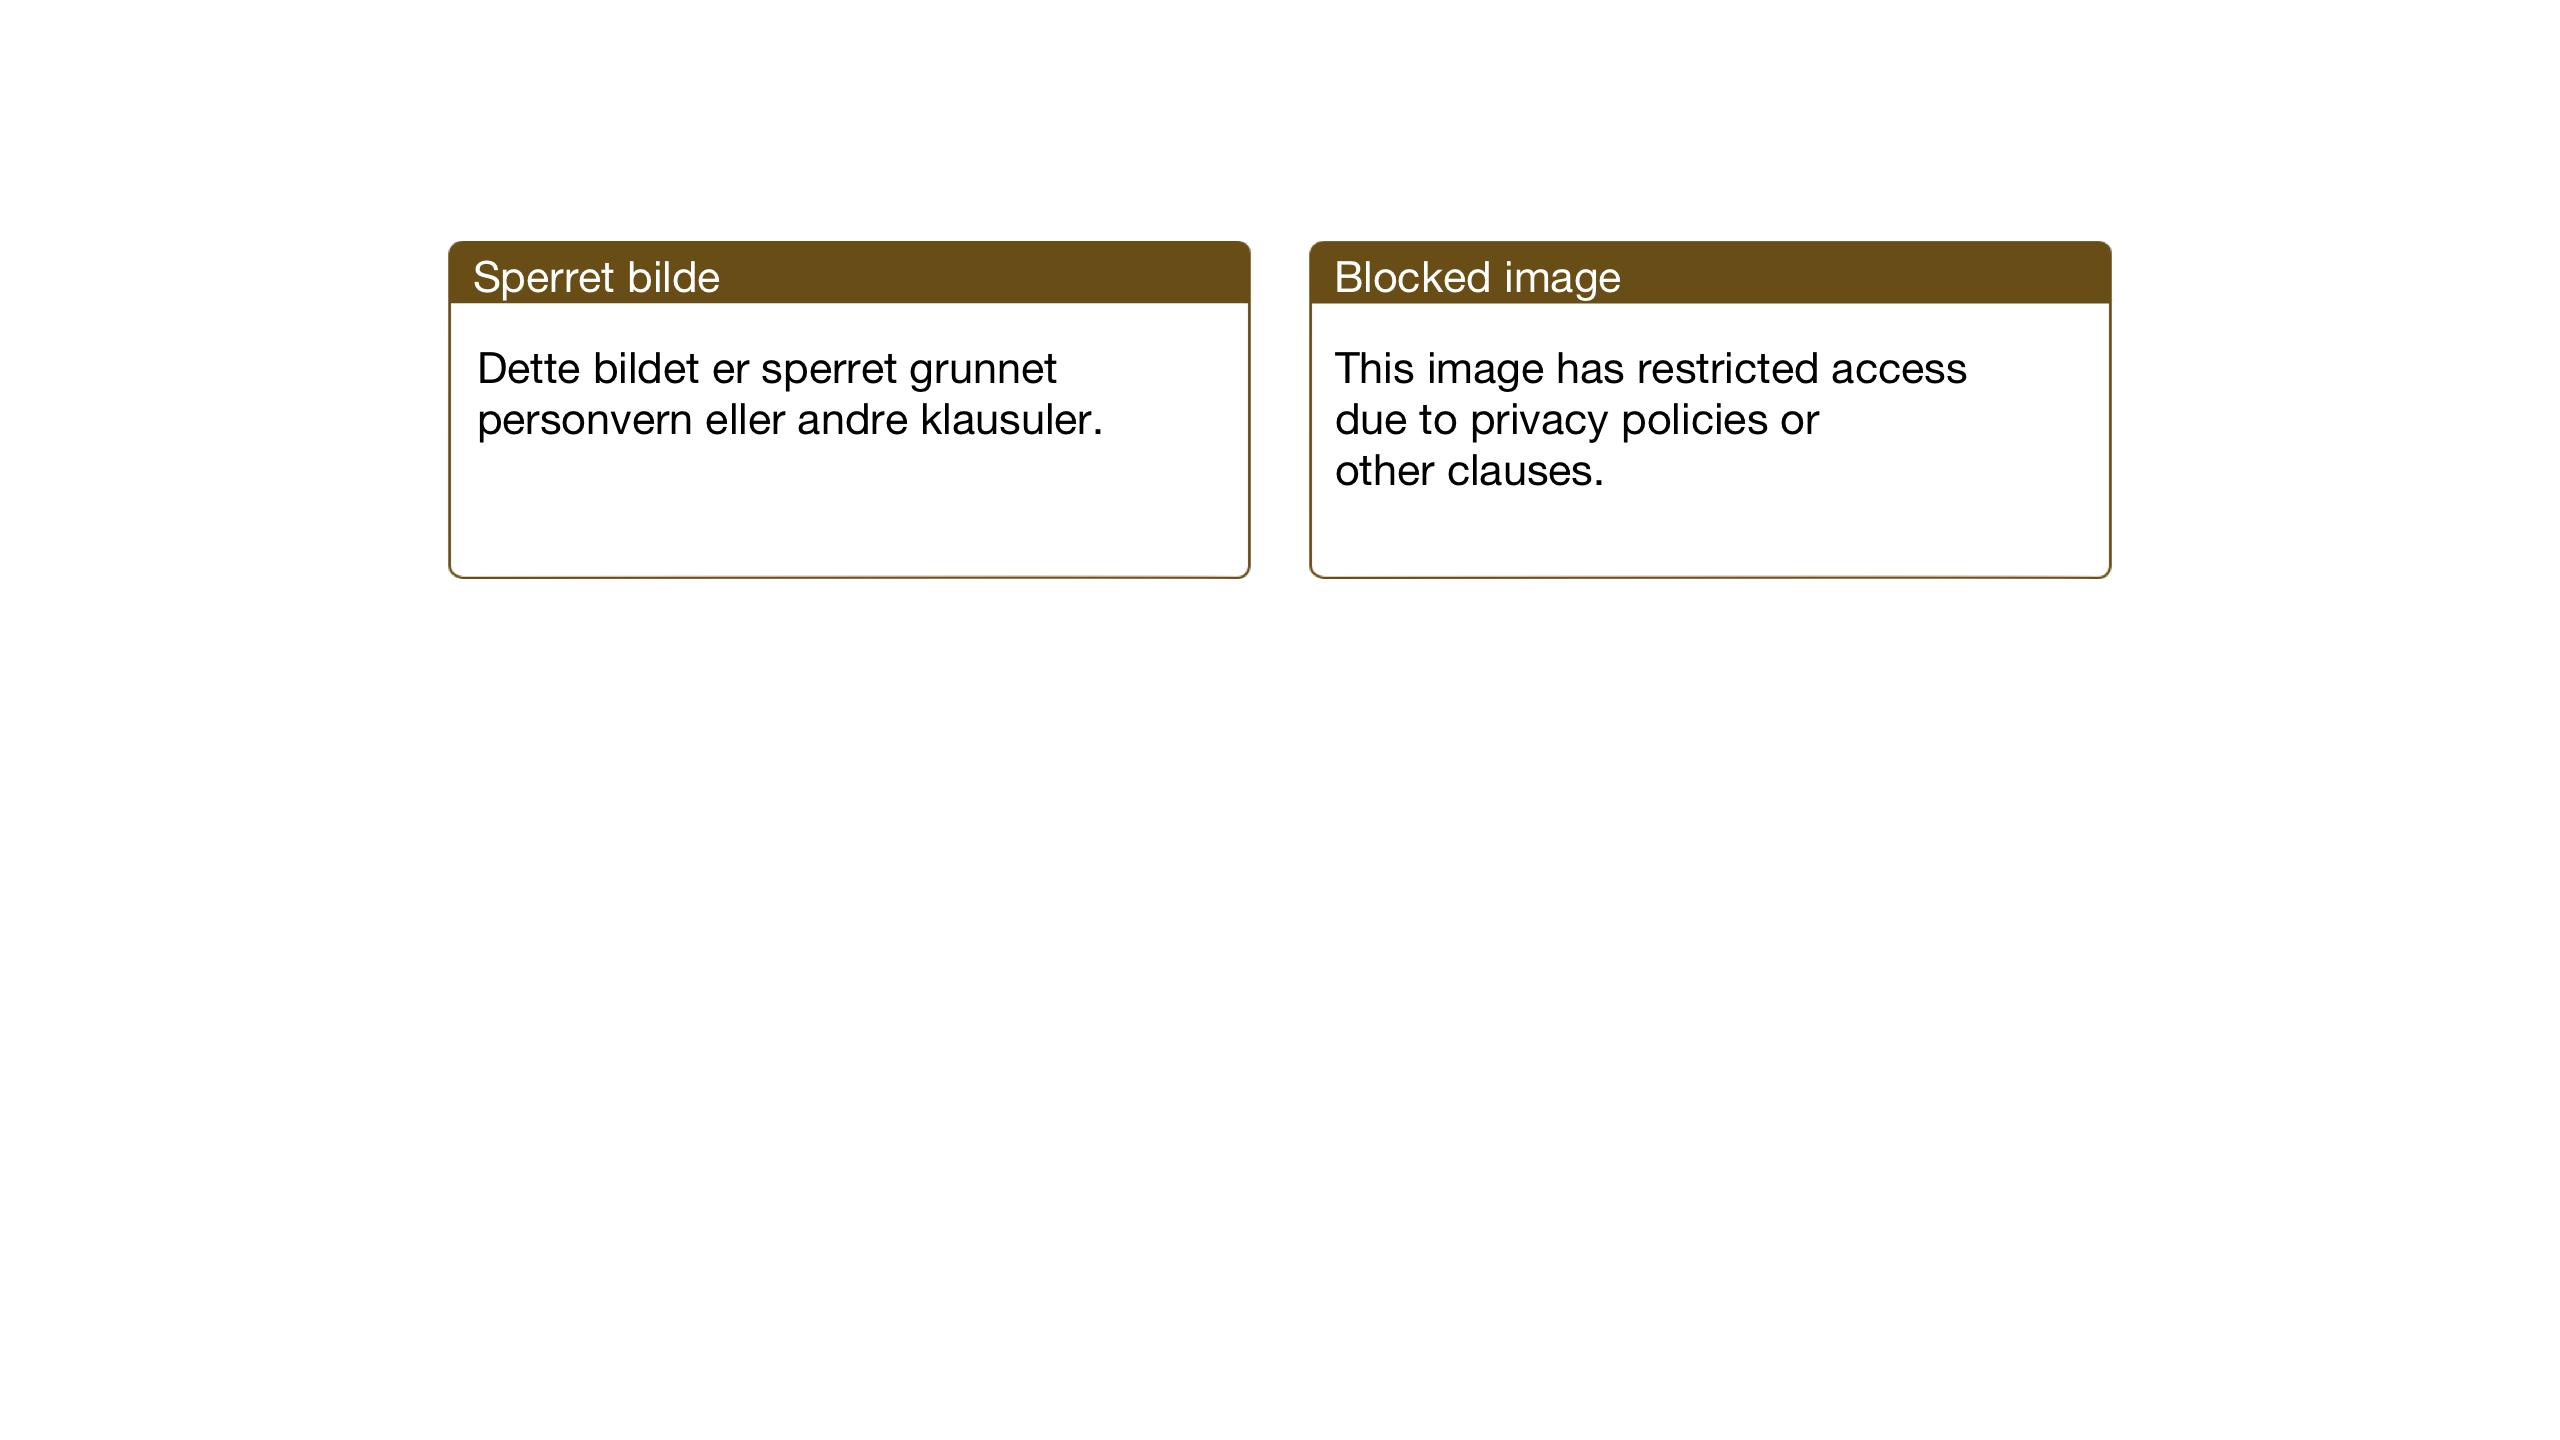 SAT, Ministerialprotokoller, klokkerbøker og fødselsregistre - Sør-Trøndelag, 617/L0432: Klokkerbok nr. 617C03, 1936-1942, s. 4